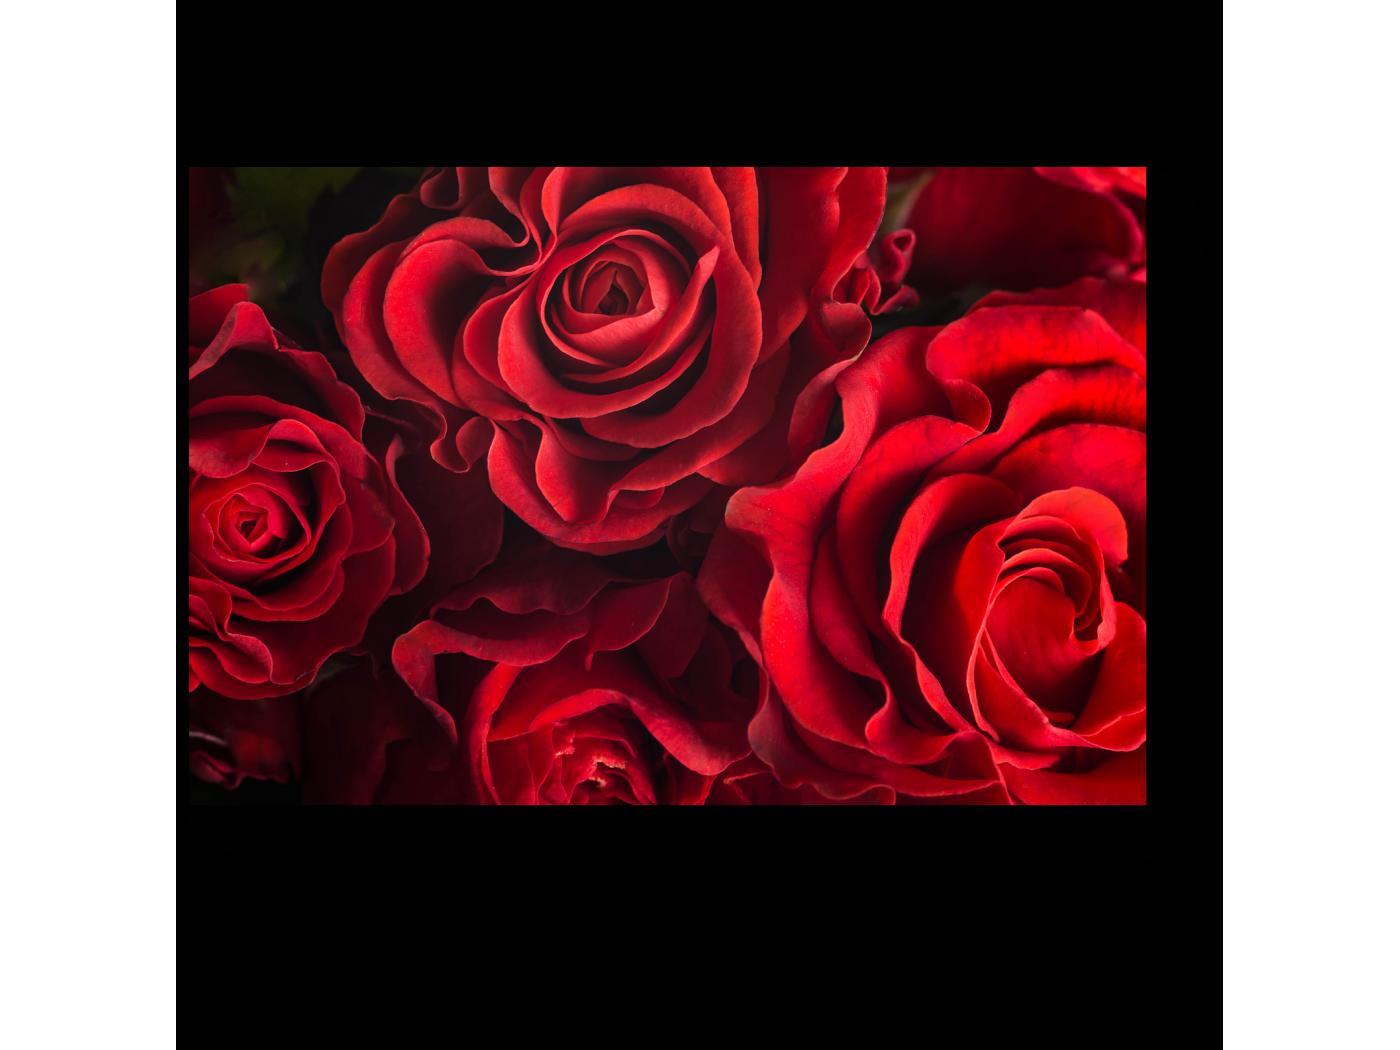 Модульная картина Бархатные розы (30x20) фото